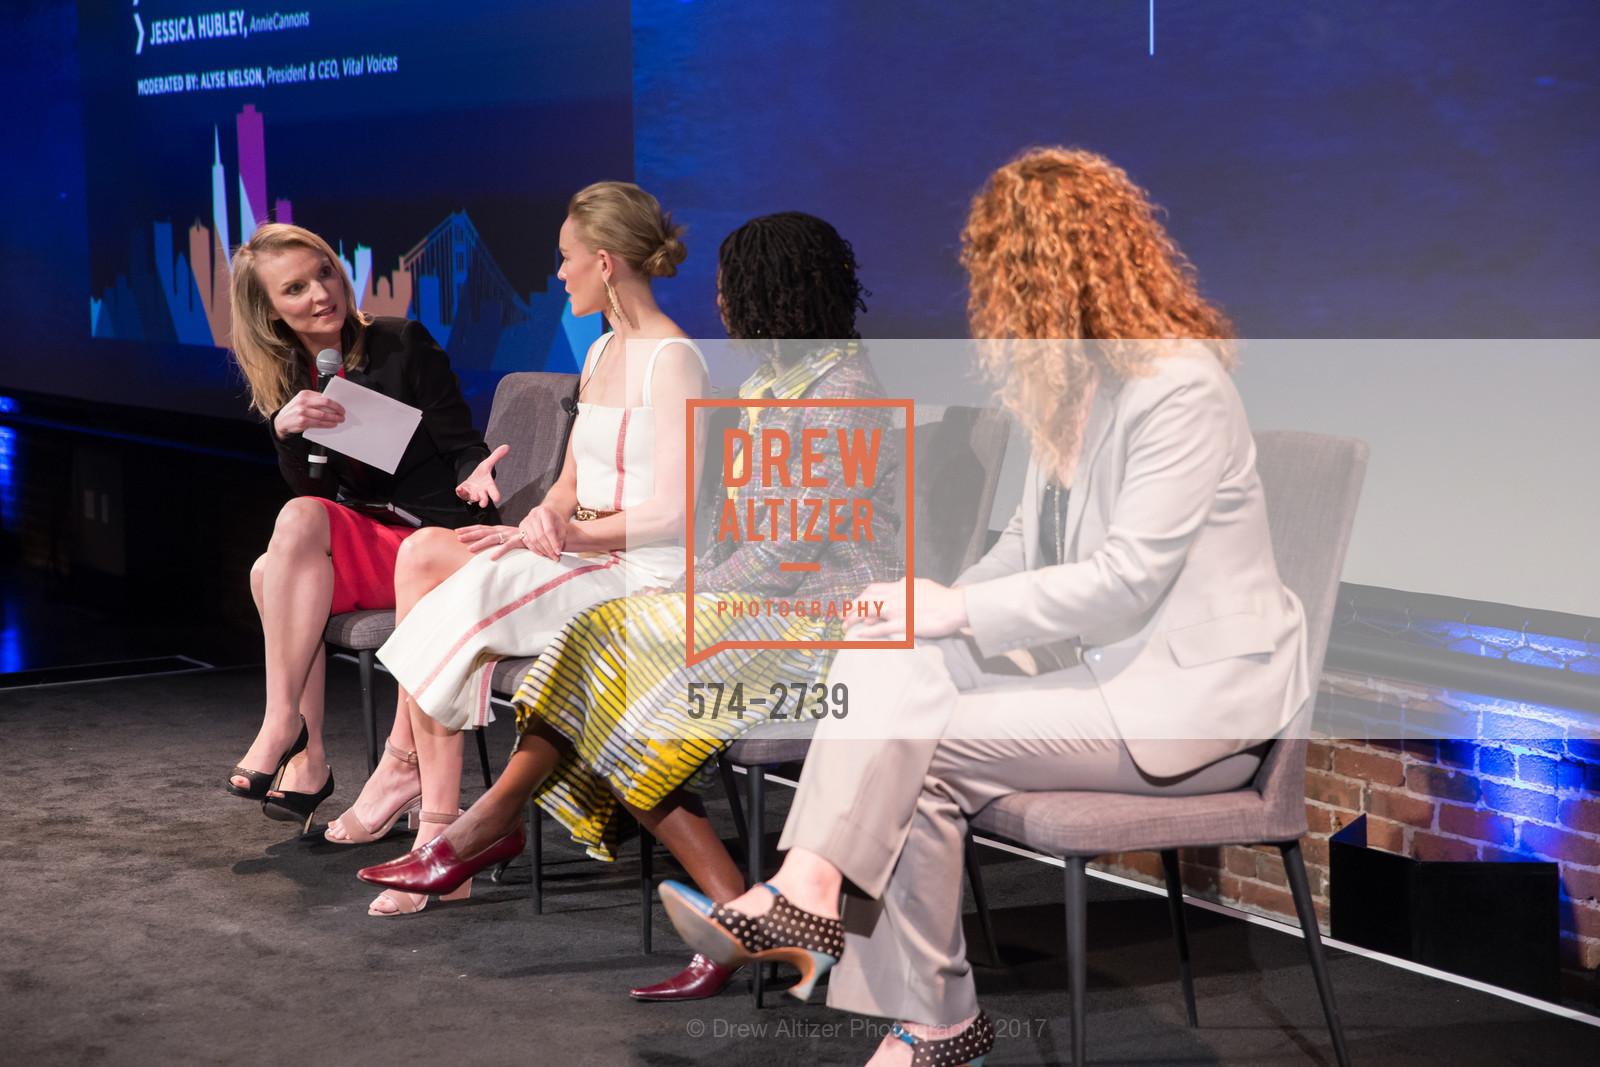 Alyse Nelson, Kate Bosworth, Agnes Igoye, Jessica Hubley, Photo #574-2739